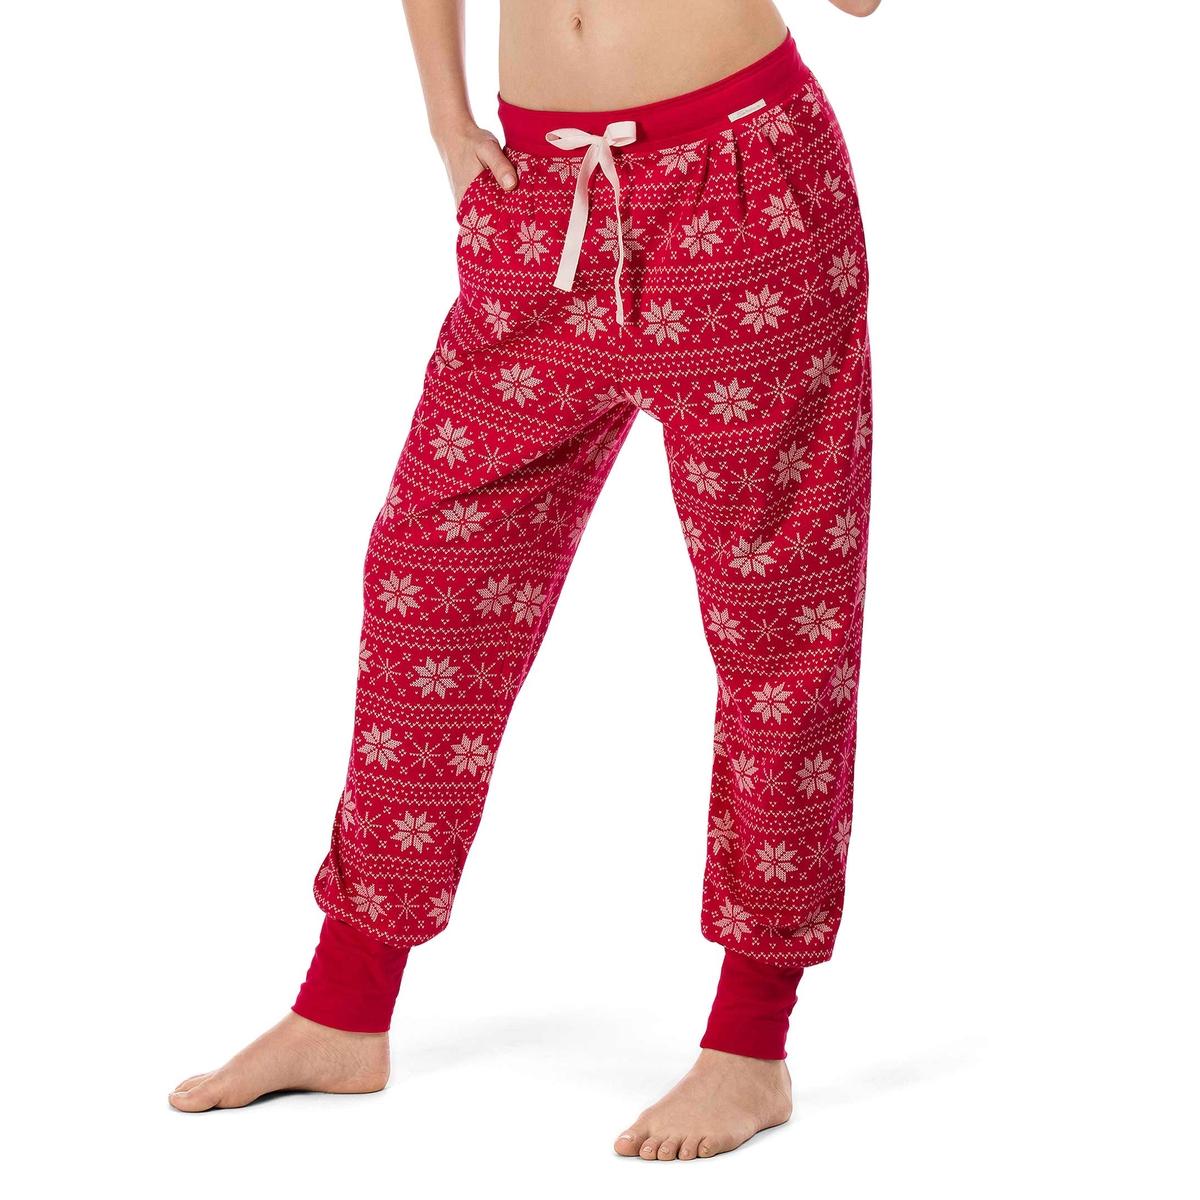 Брюки пижамные TemptationСостав и детали :Материал : 95% хлопка, 5% эластана  Марка : SkinnyУход :Ручная стирка при 30°.Машинная сушка запрещена.Не гладить.<br><br>Цвет: набивной рисунок<br>Размер: 44 (FR) - 50 (RUS)